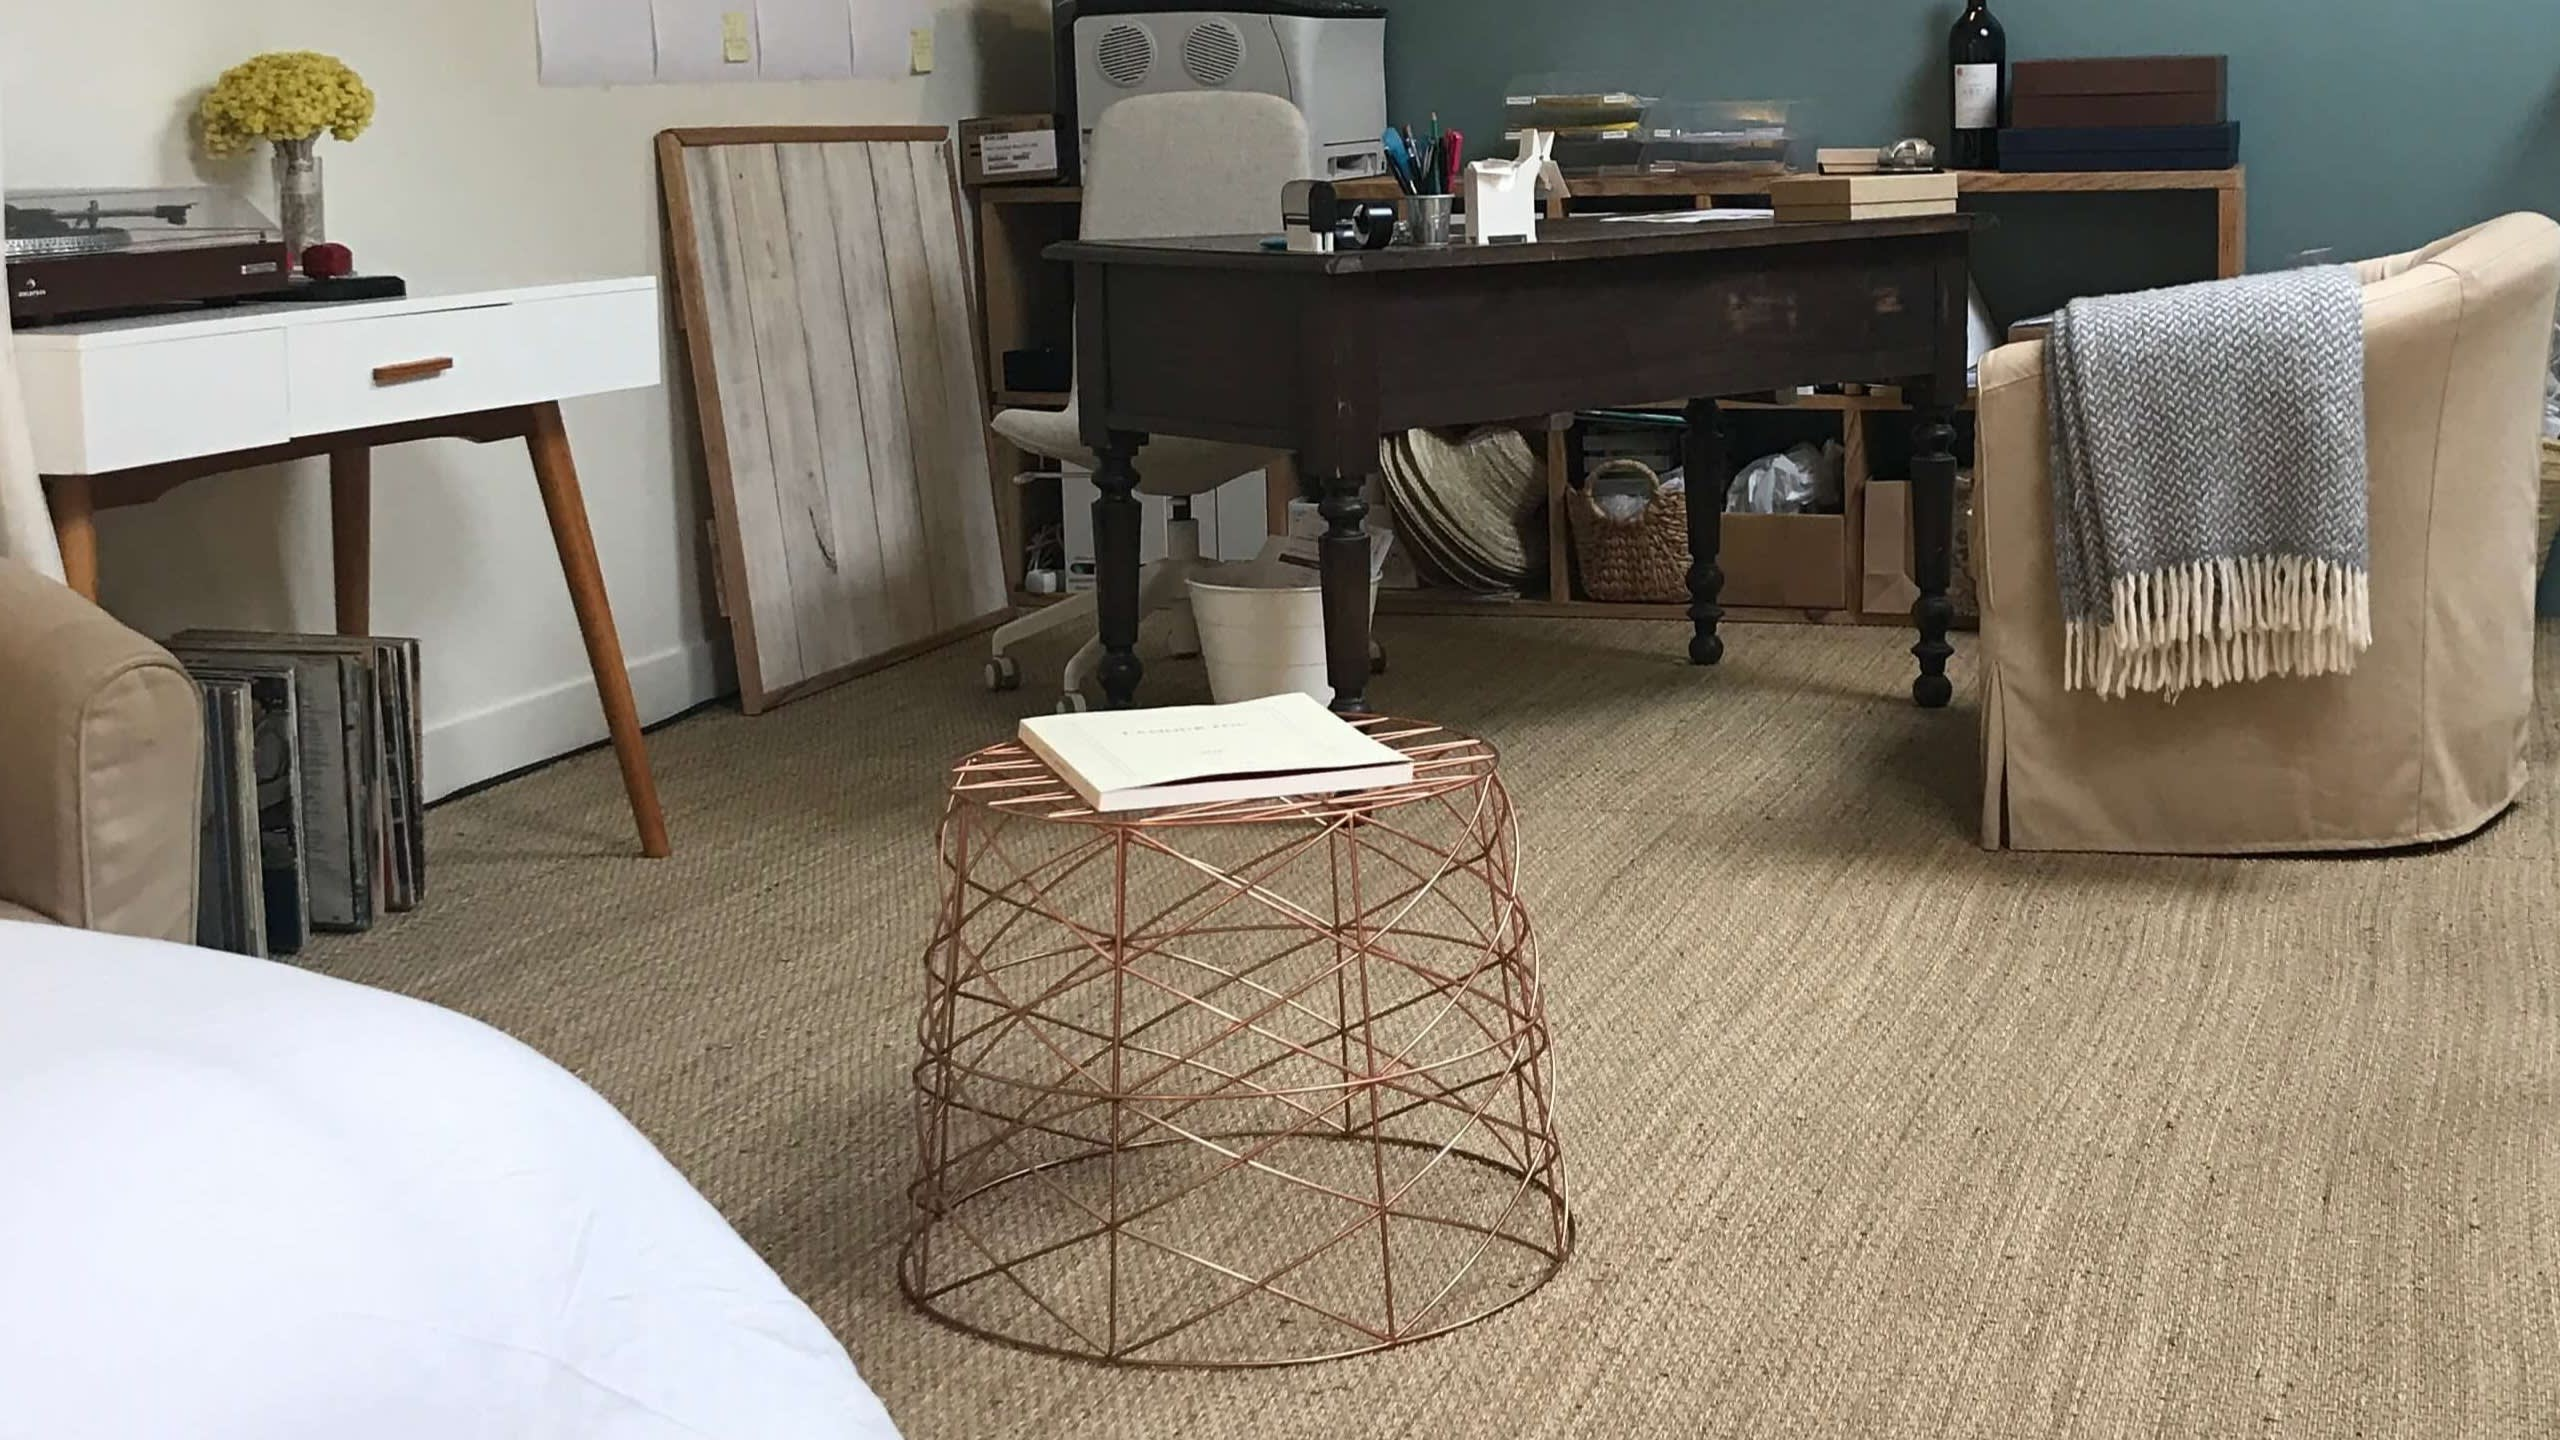 Projet_réalisé_un-sol-naturel-pour-habiller-une-mezzanine